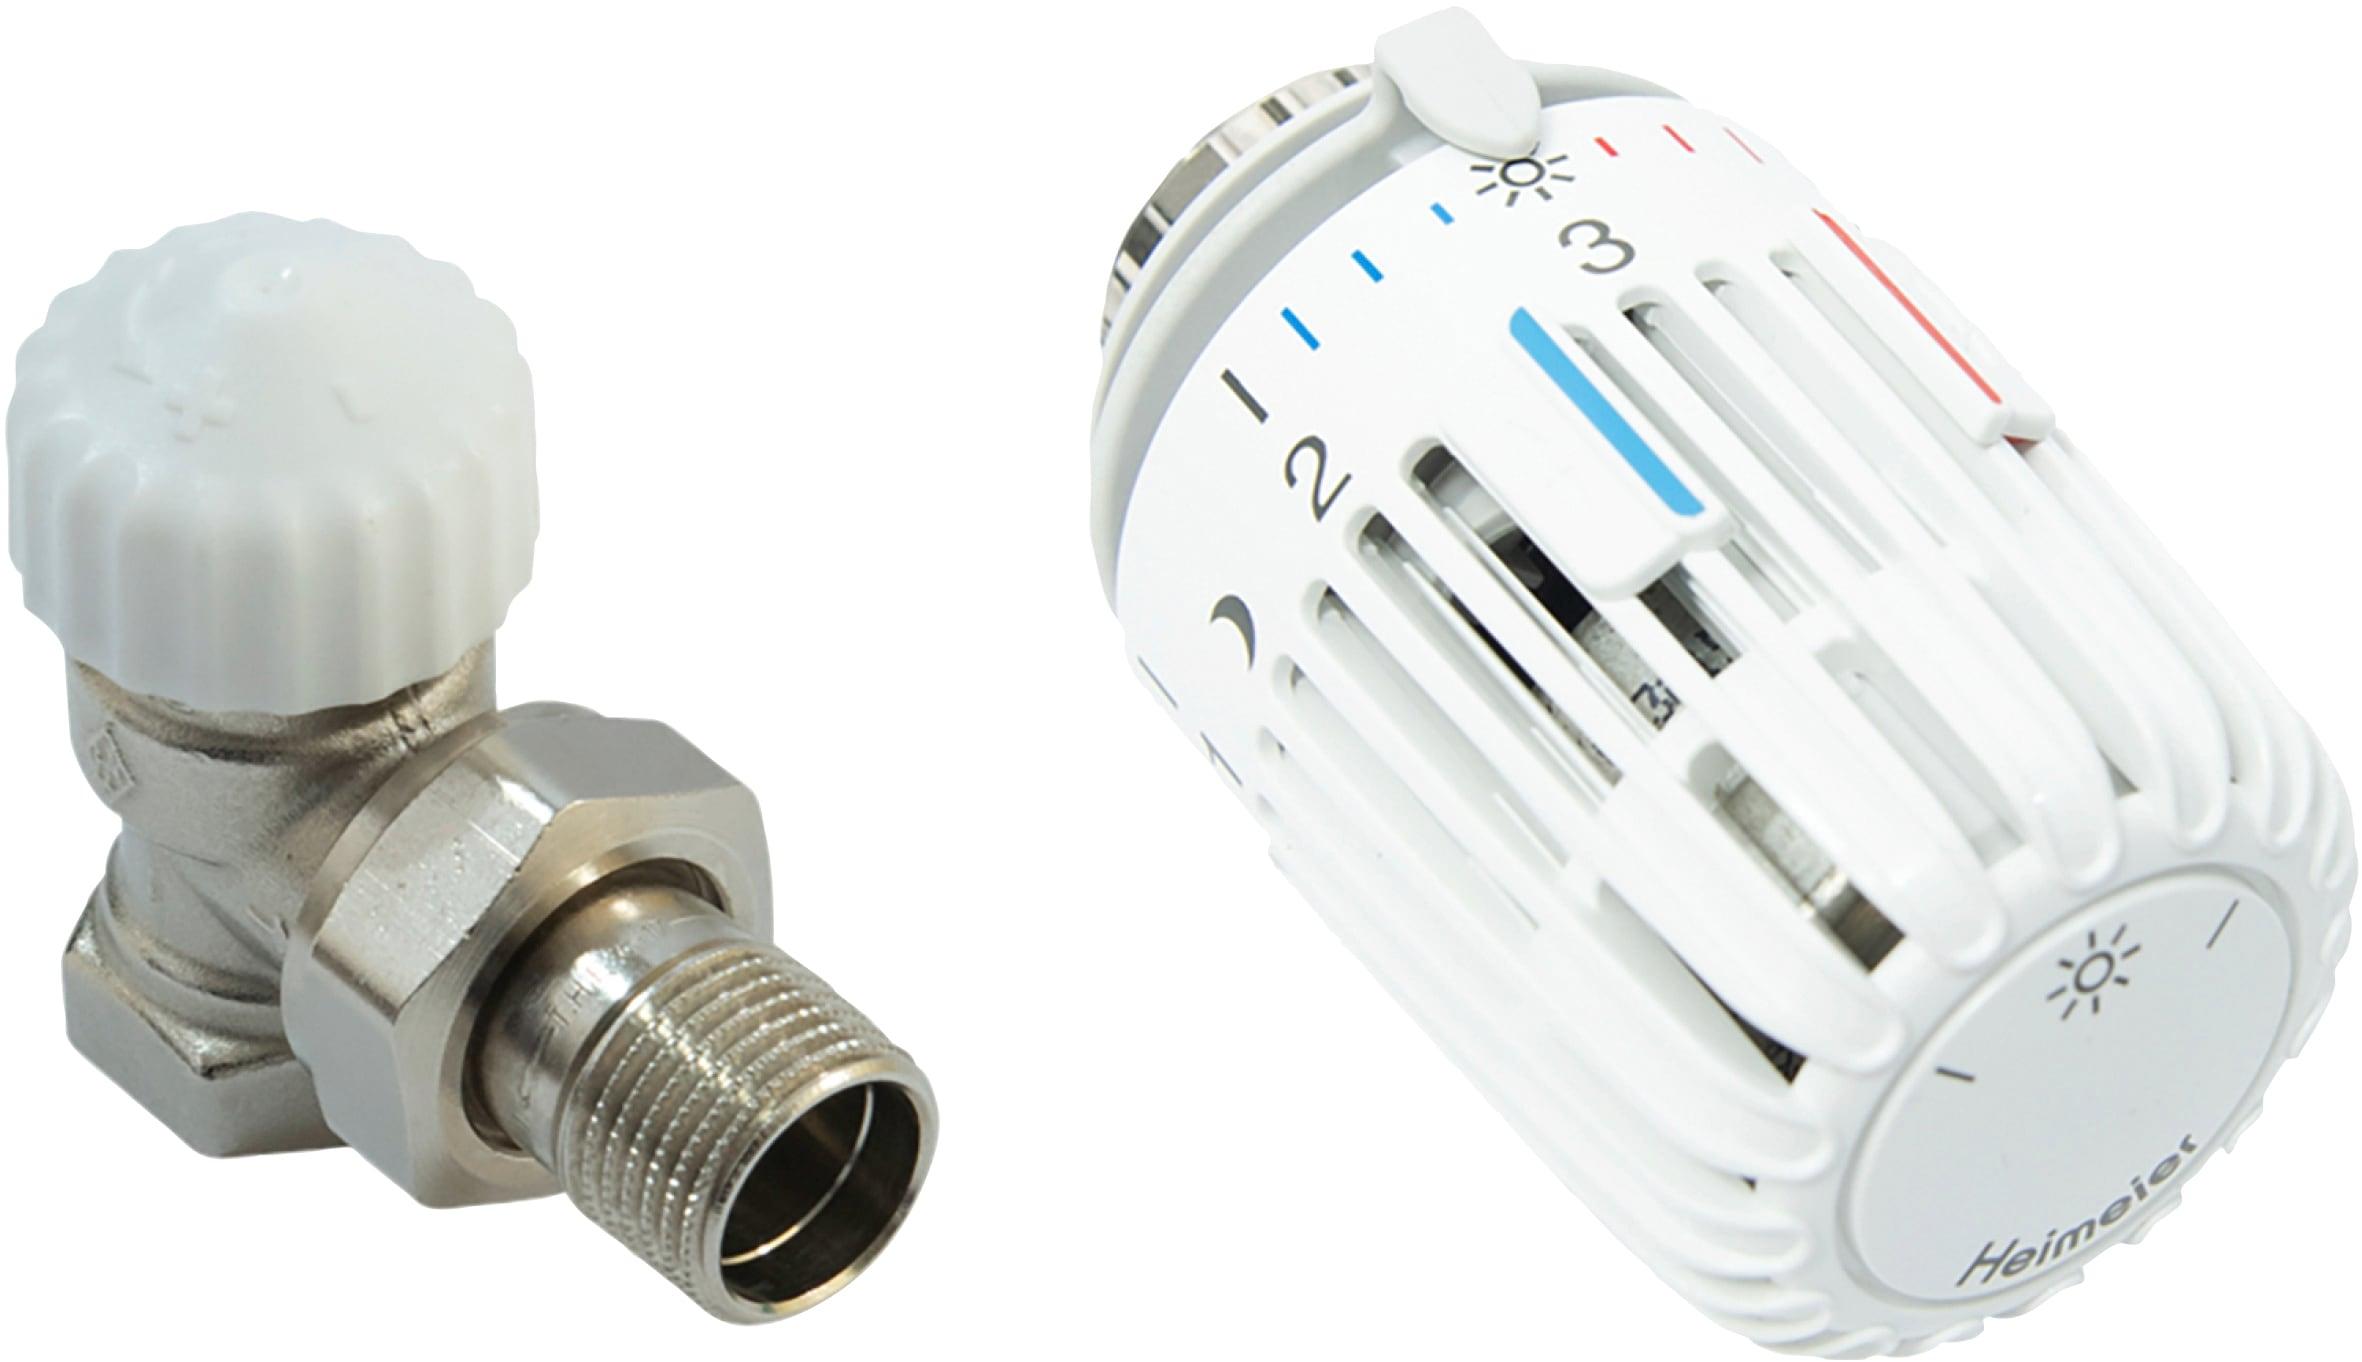 CORNAT Heizkörperthermostat Eck, Thermostatventil und Kopf weiß Thermostate Heizen Klima